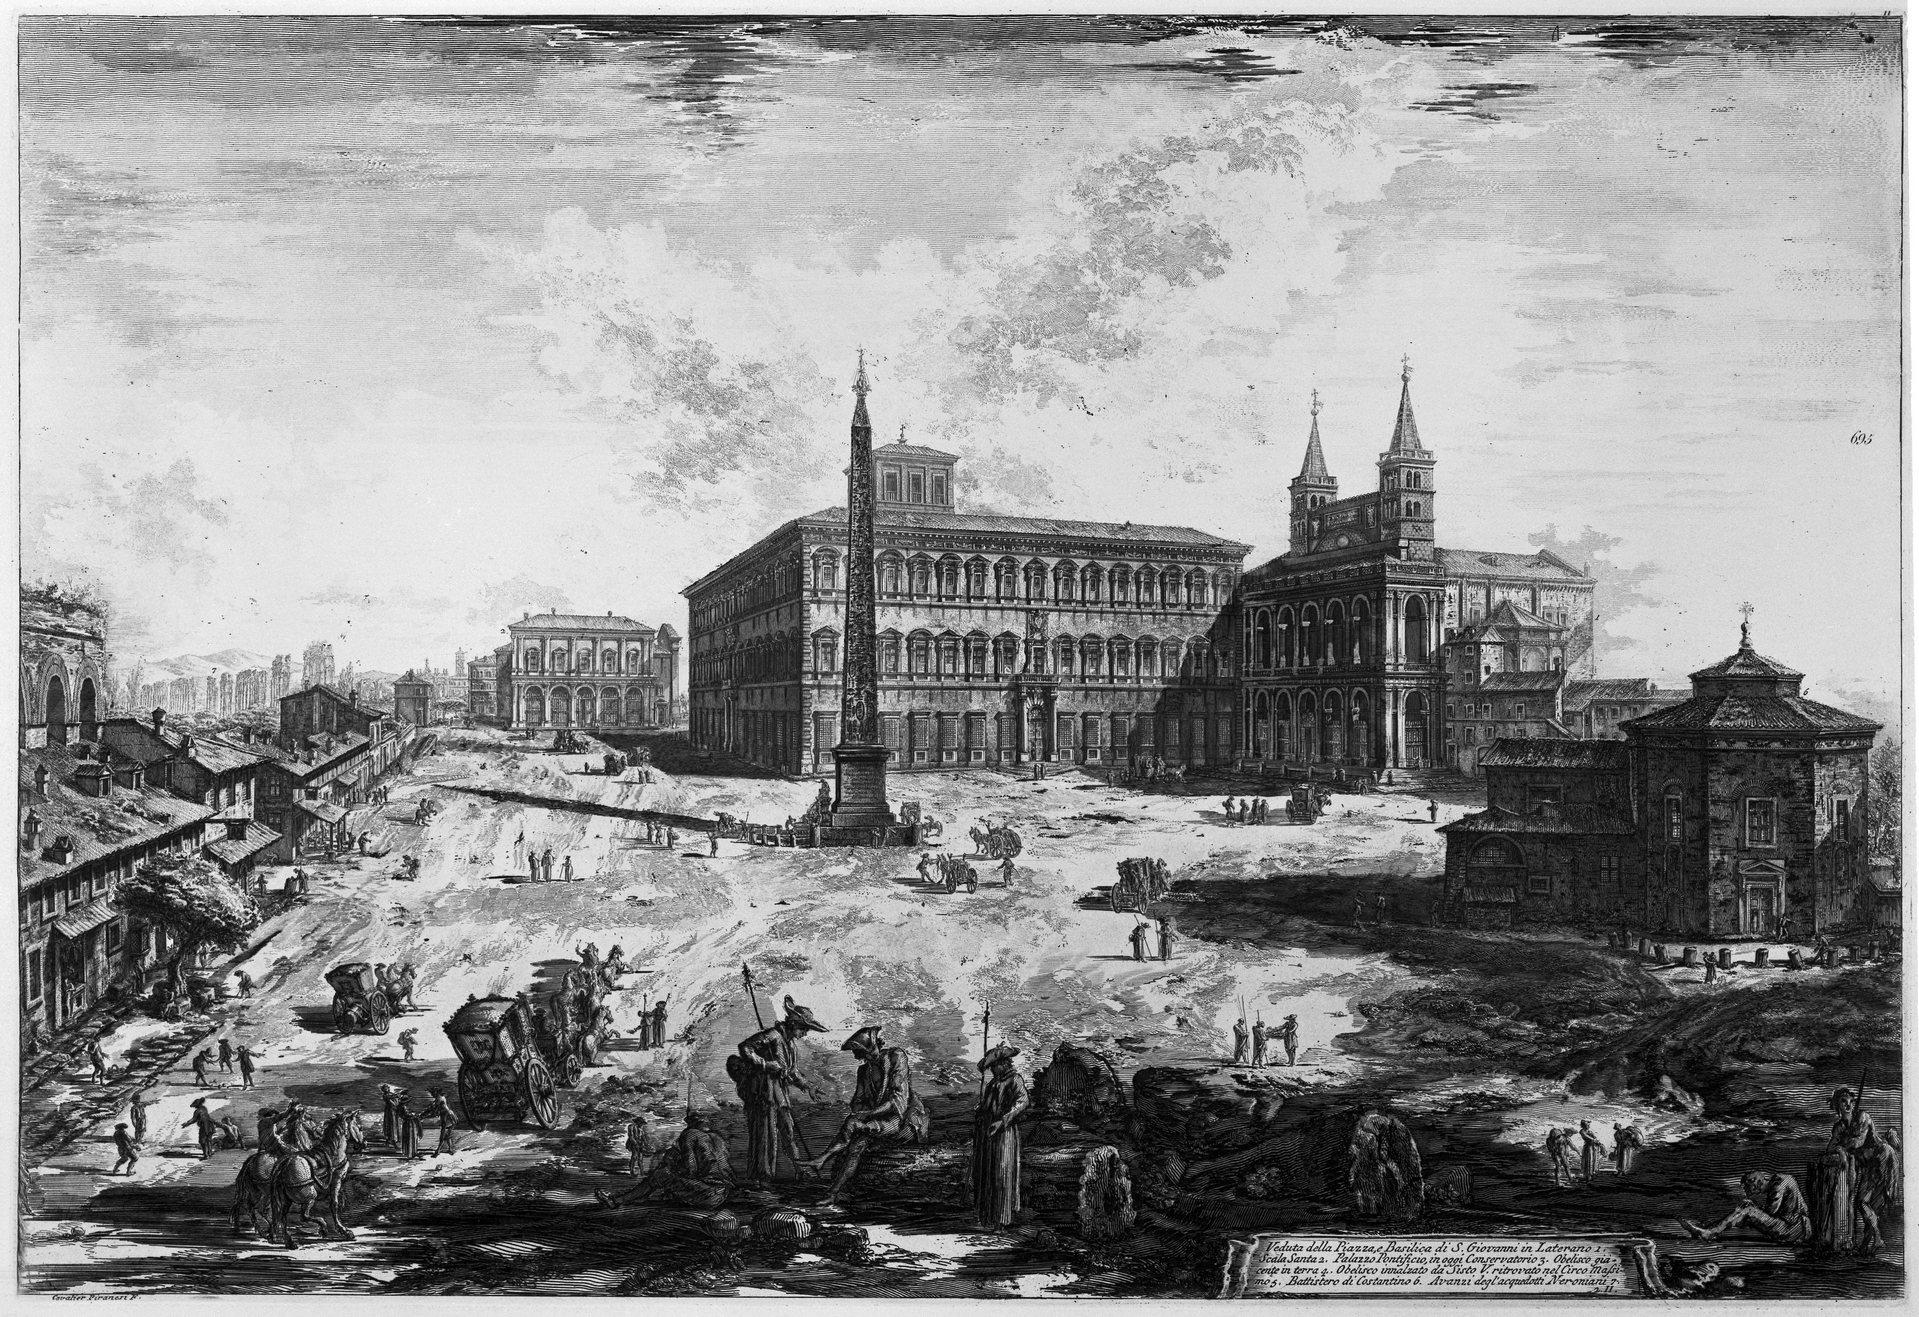 Piranesi-Basilica%20di%20S.%20Giovanni%20in%20Laterano